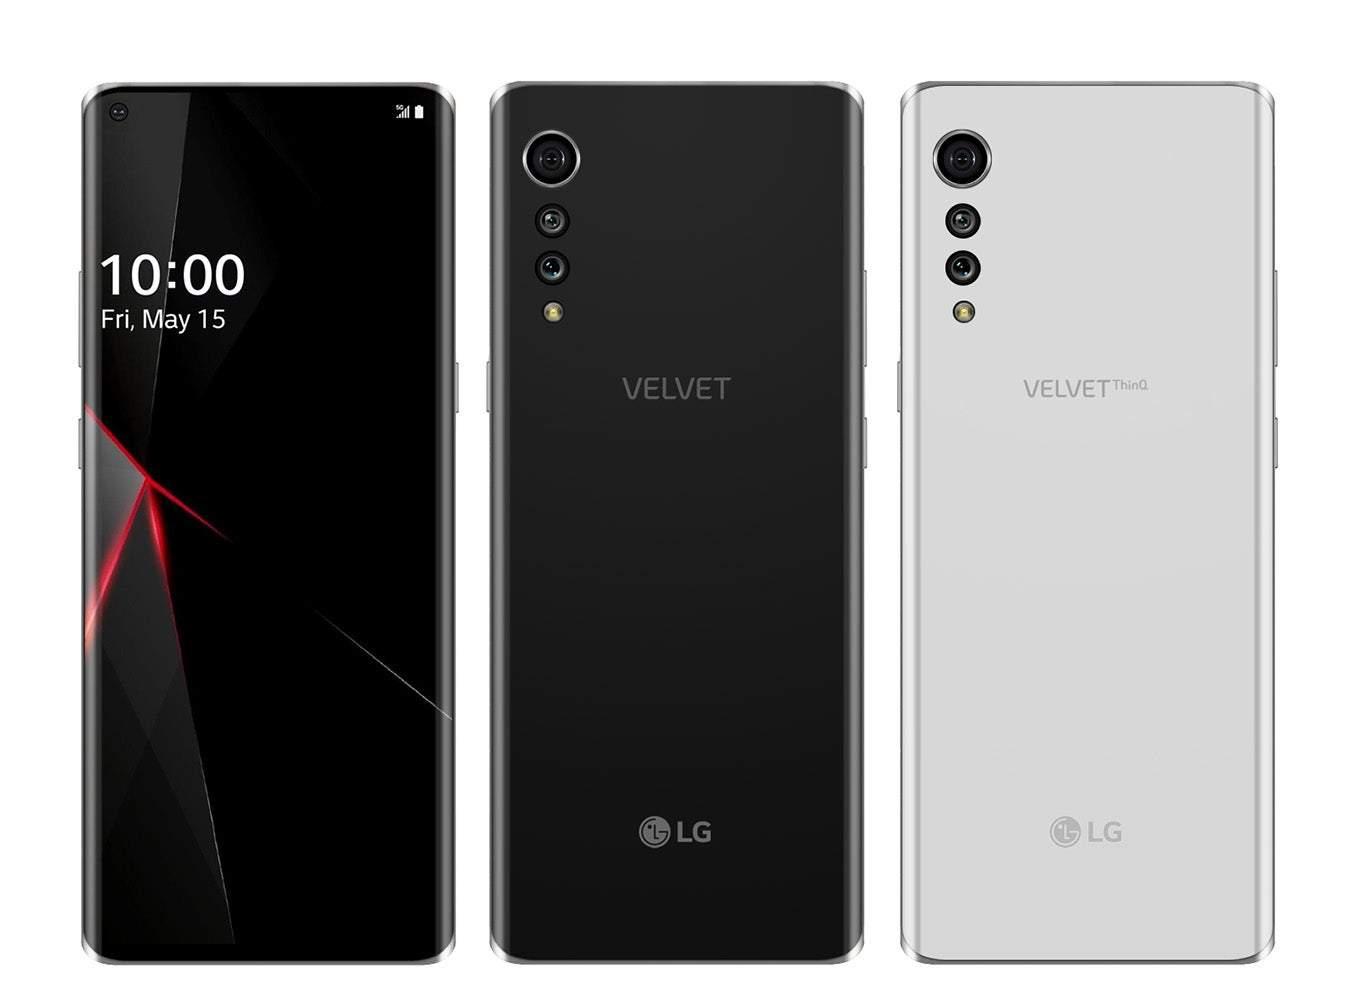 LG Velvet nadchodzi. Co tym razem wymyśliło LG? 17